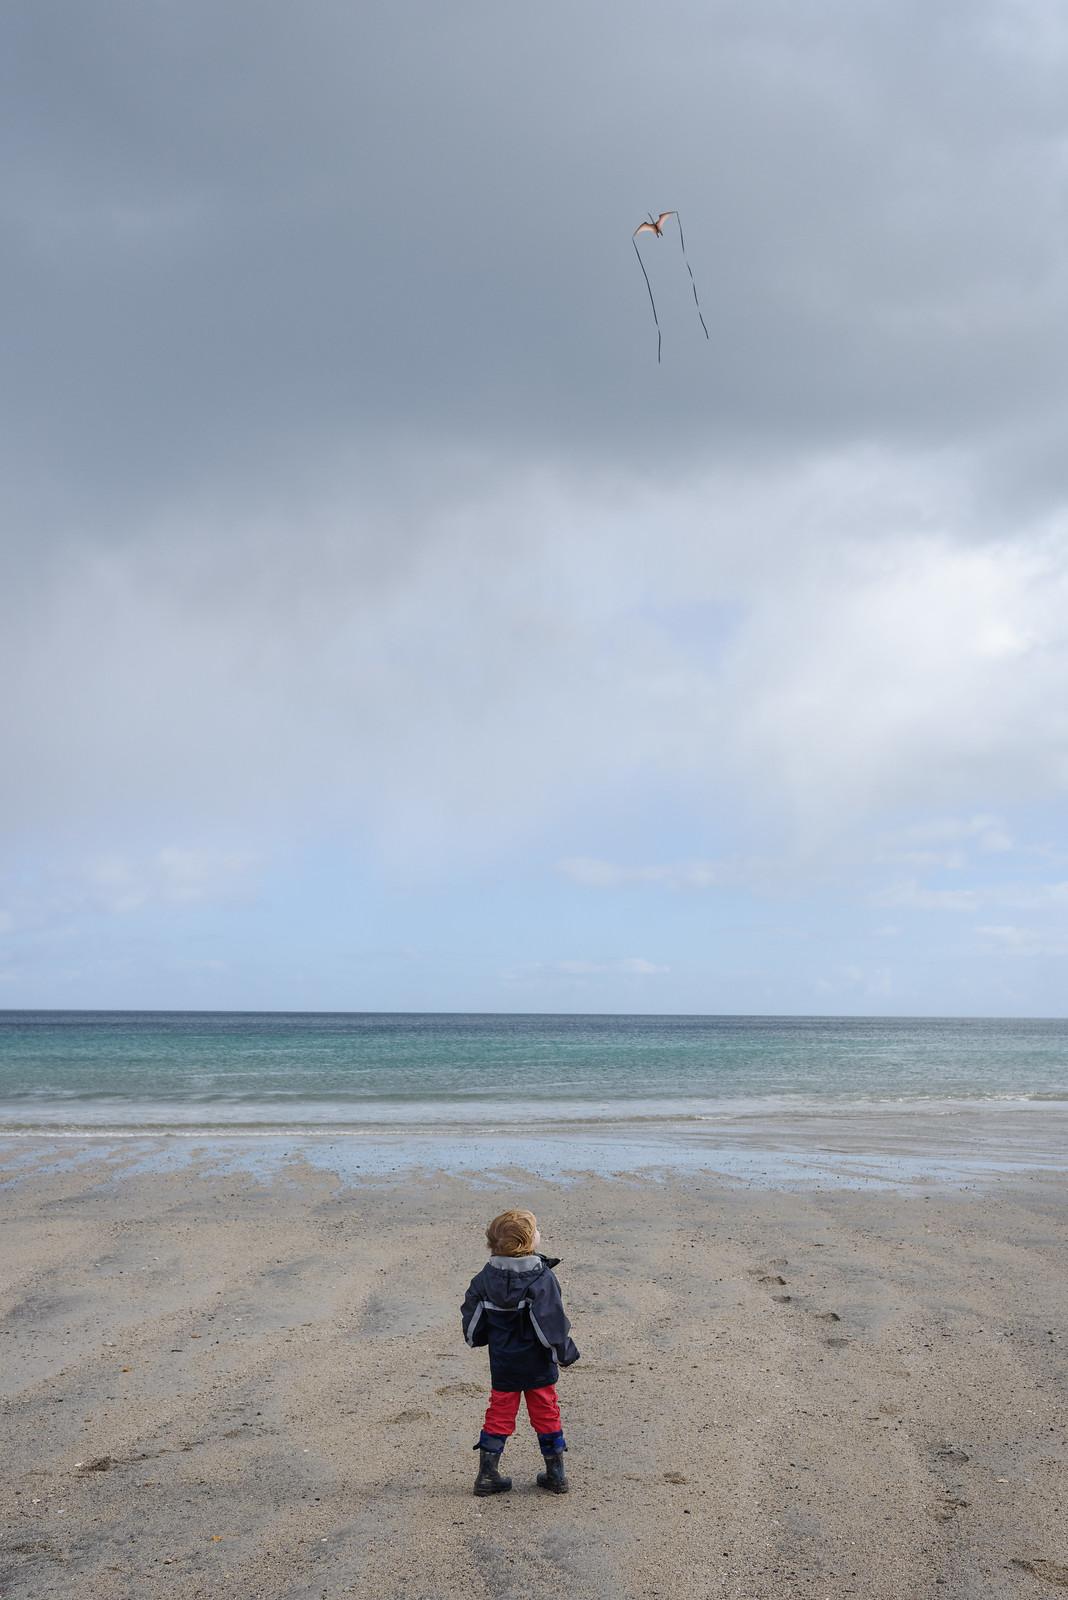 Watching the Kite